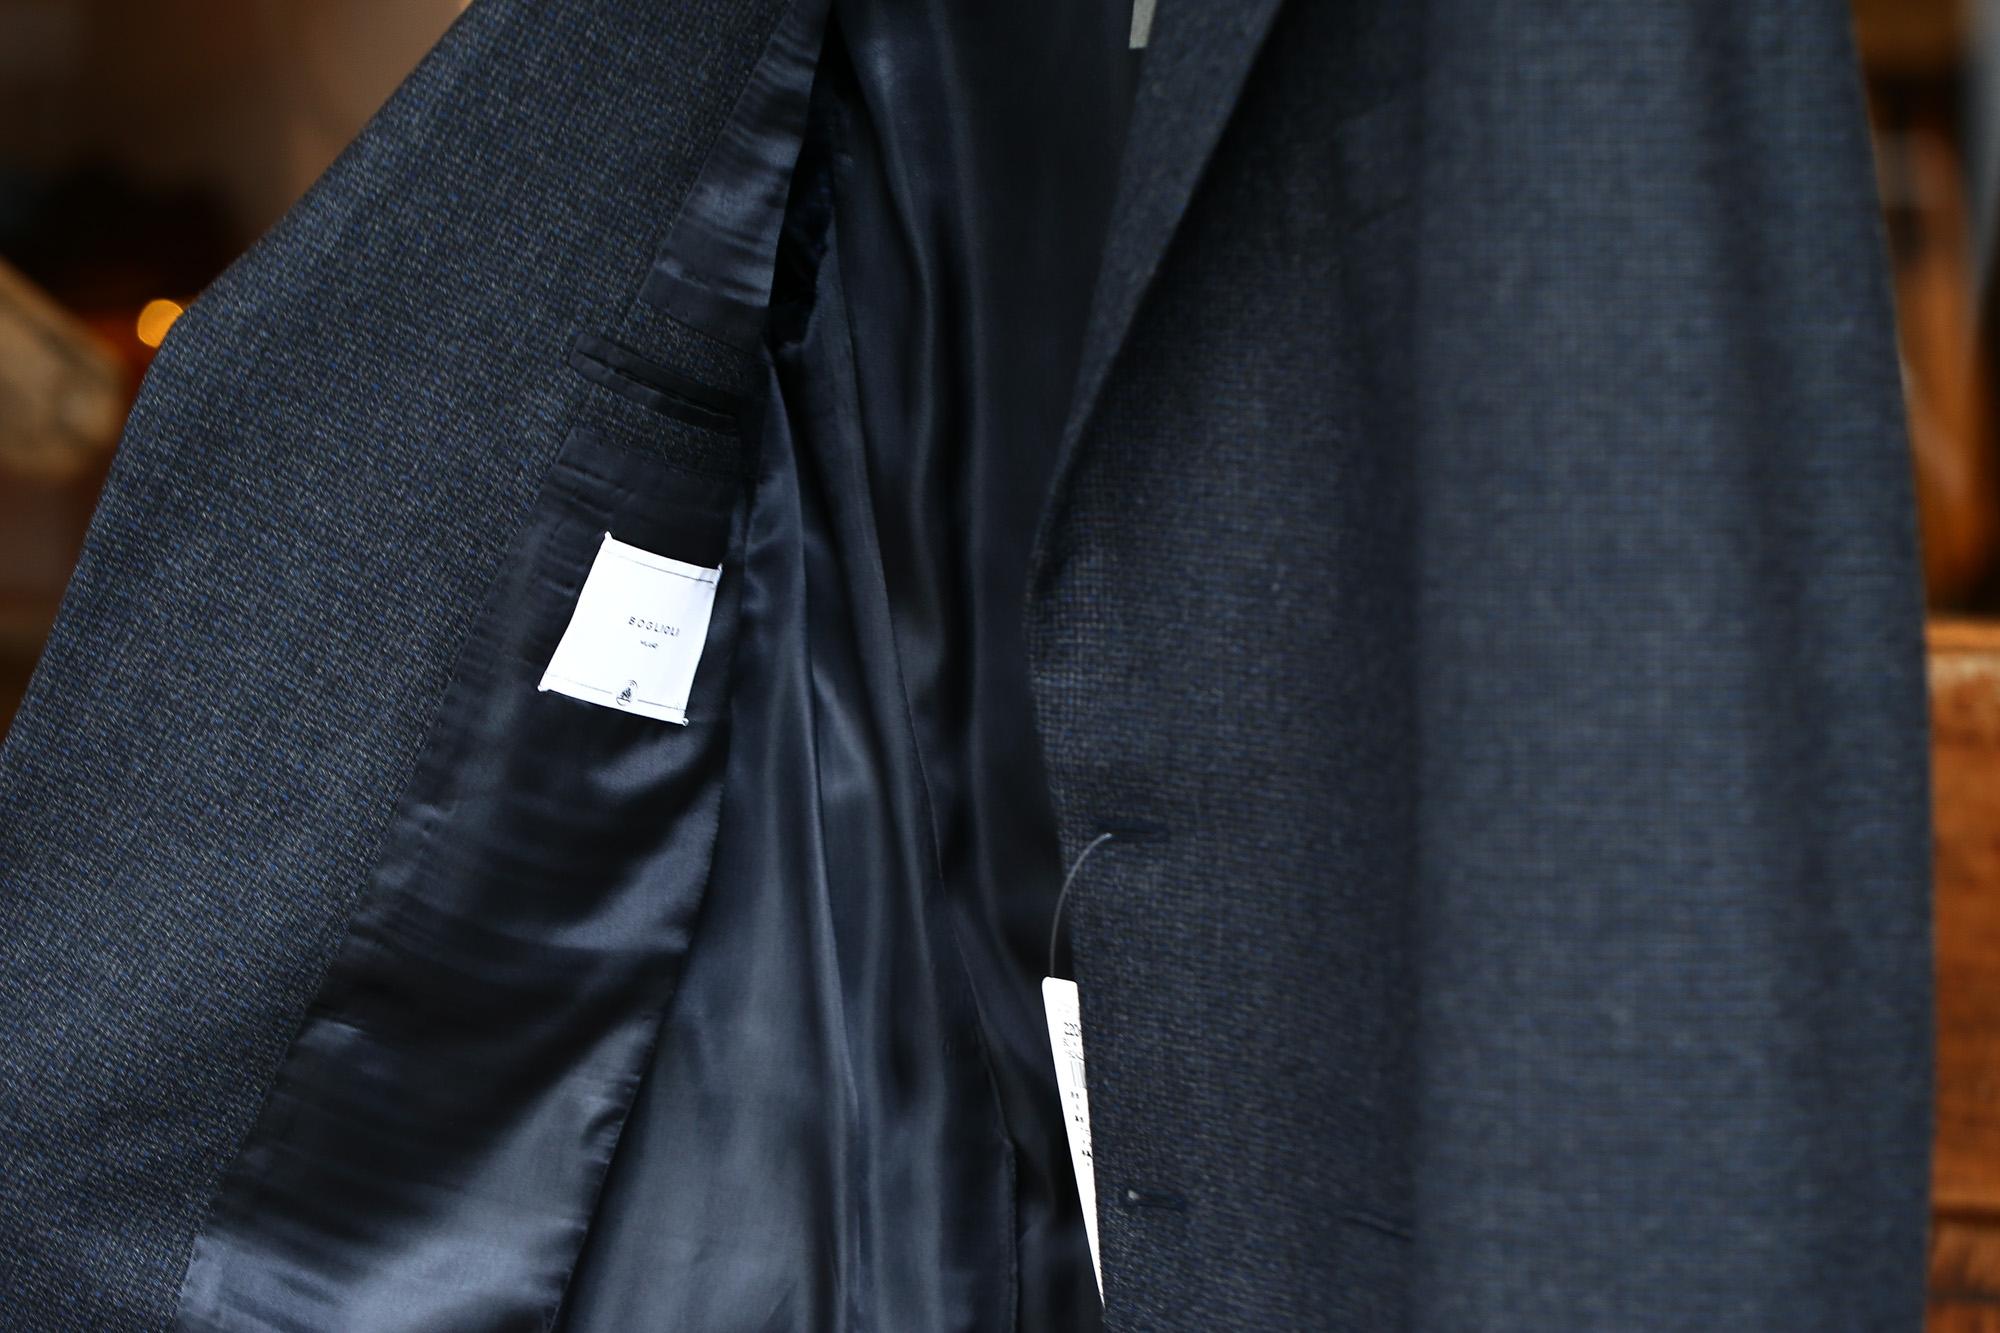 BOGLIOLI MILANO (ボリオリ ミラノ) SFORZA (スフォルツァ) サキソニーウール生地 メランジ 2B スーツ CHARCOAL (チャコール・79) Made in italy (イタリア製) 2017 秋冬新作 boglioli ボリオリ スーツ SUIT 愛知 名古屋 Alto e Diritto アルト エ デリット